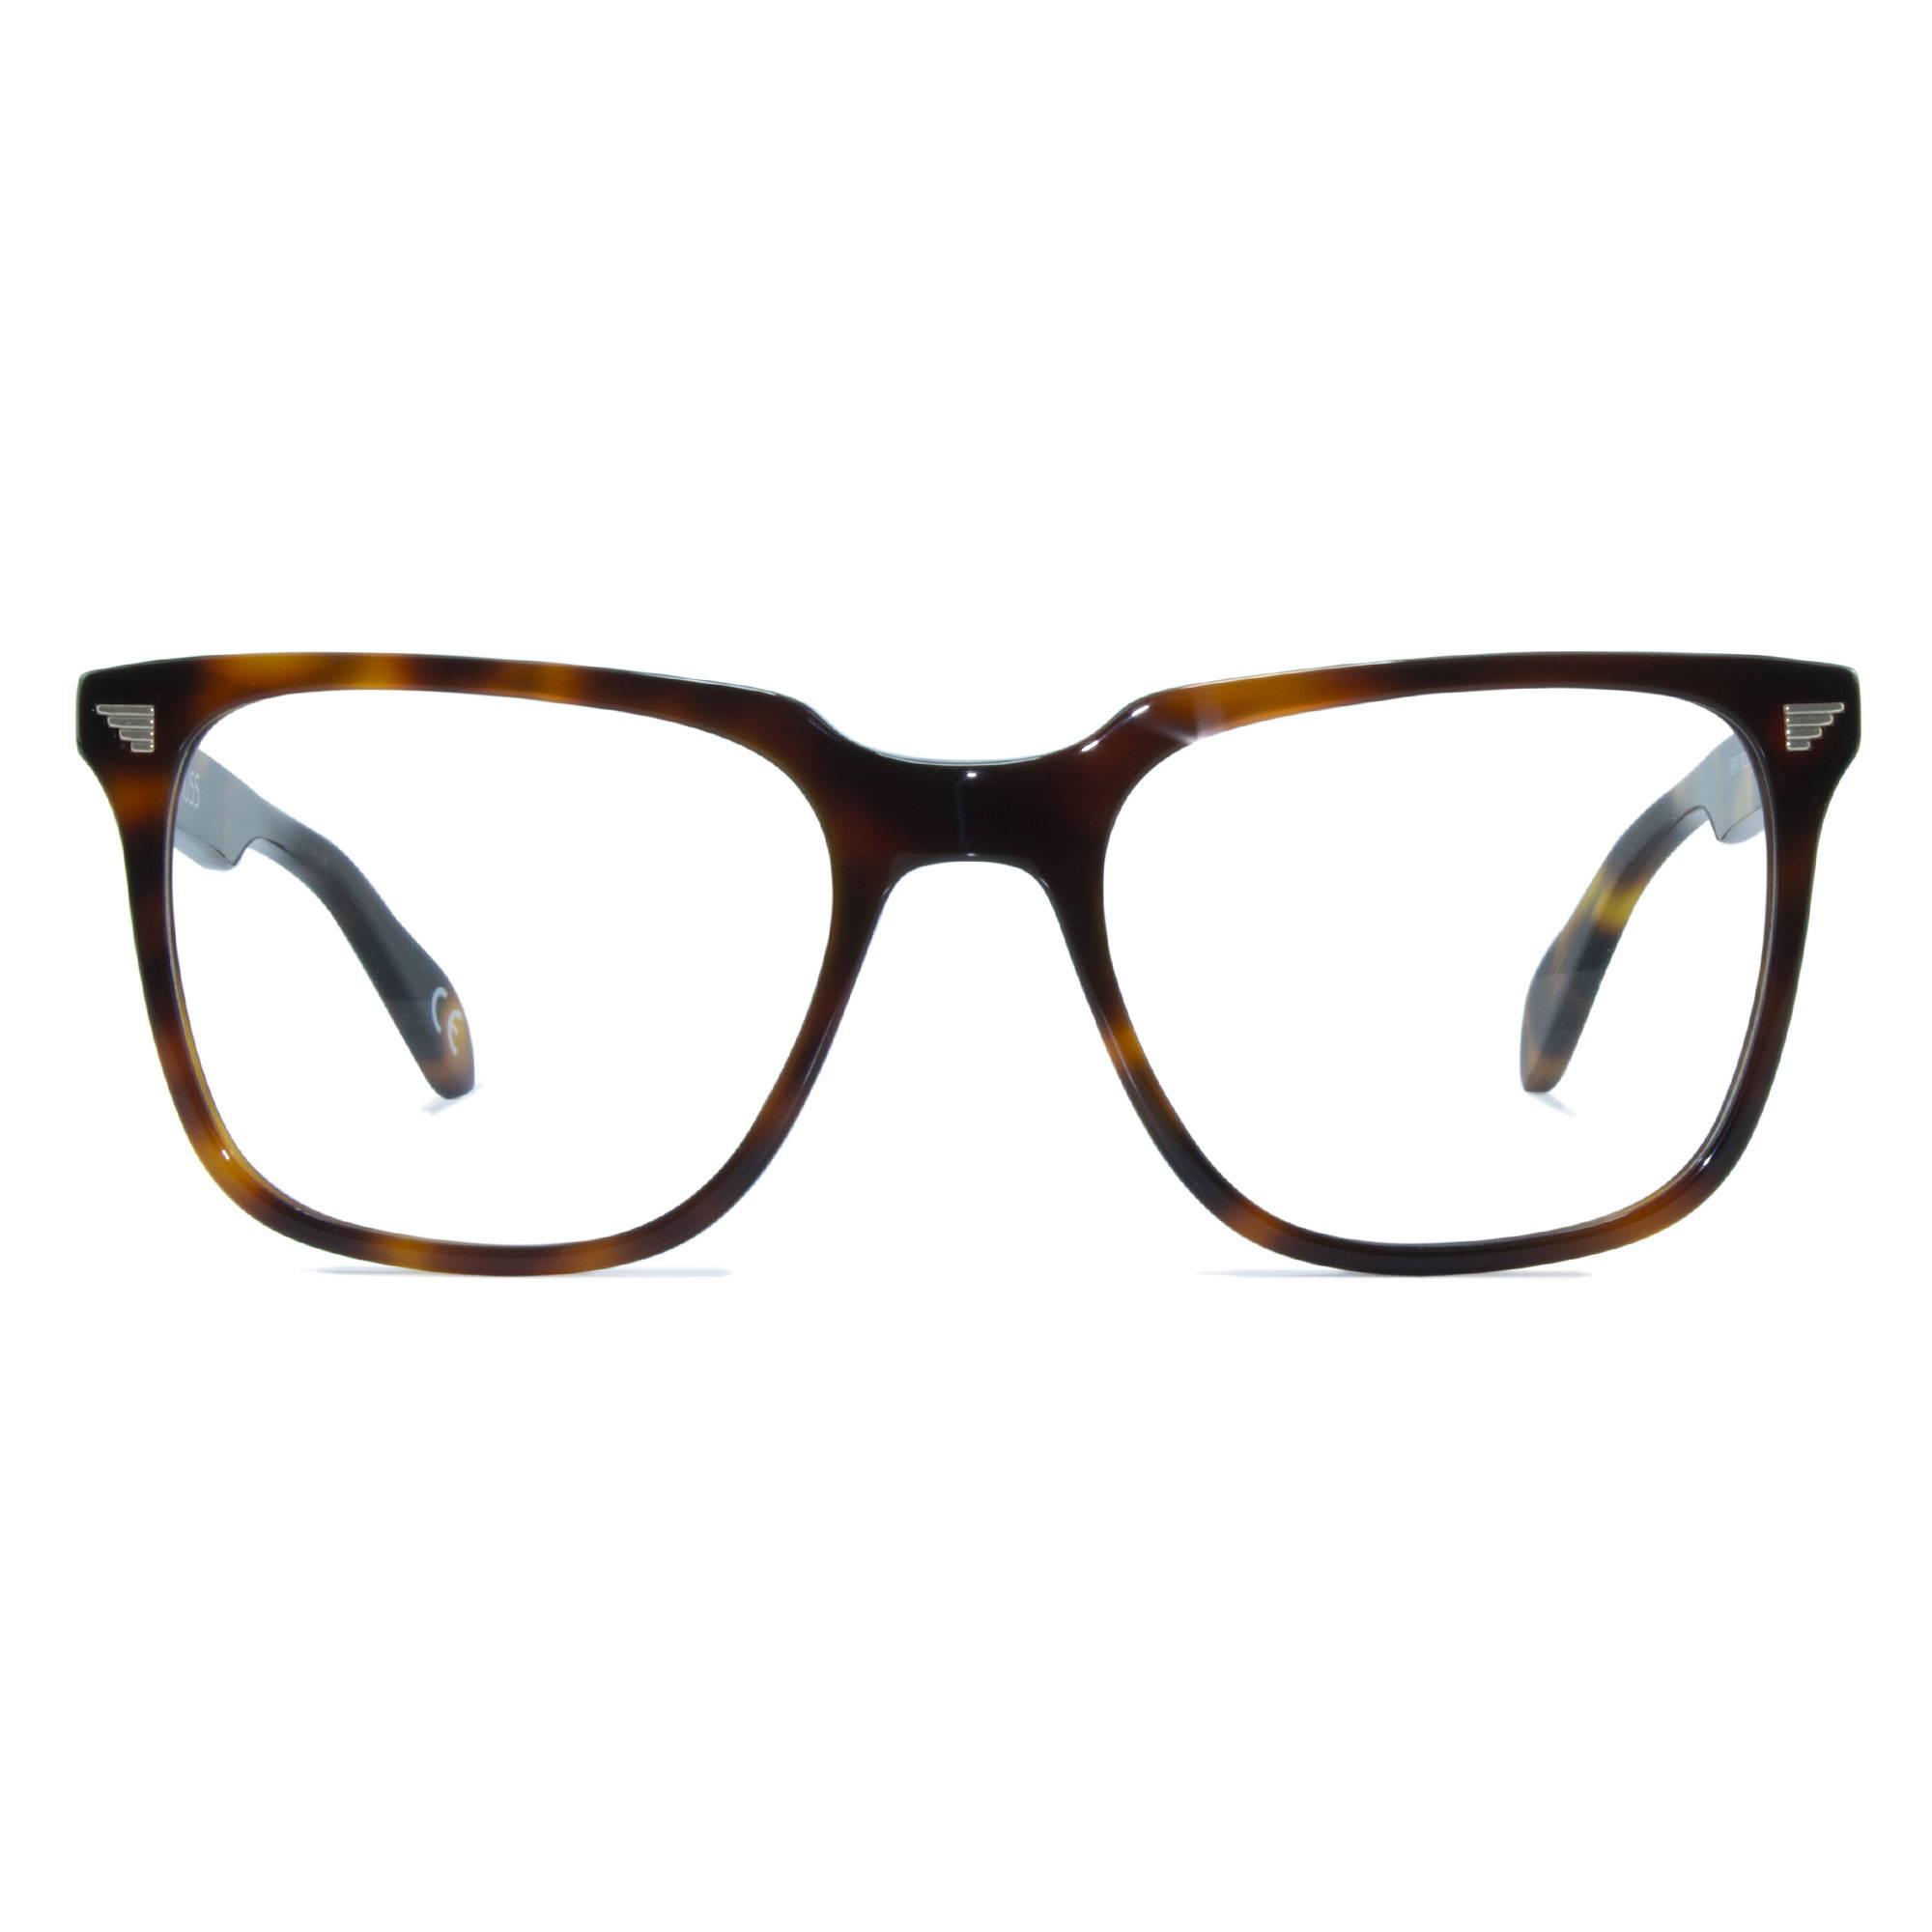 Joiuss kent tortoiseshell glasses